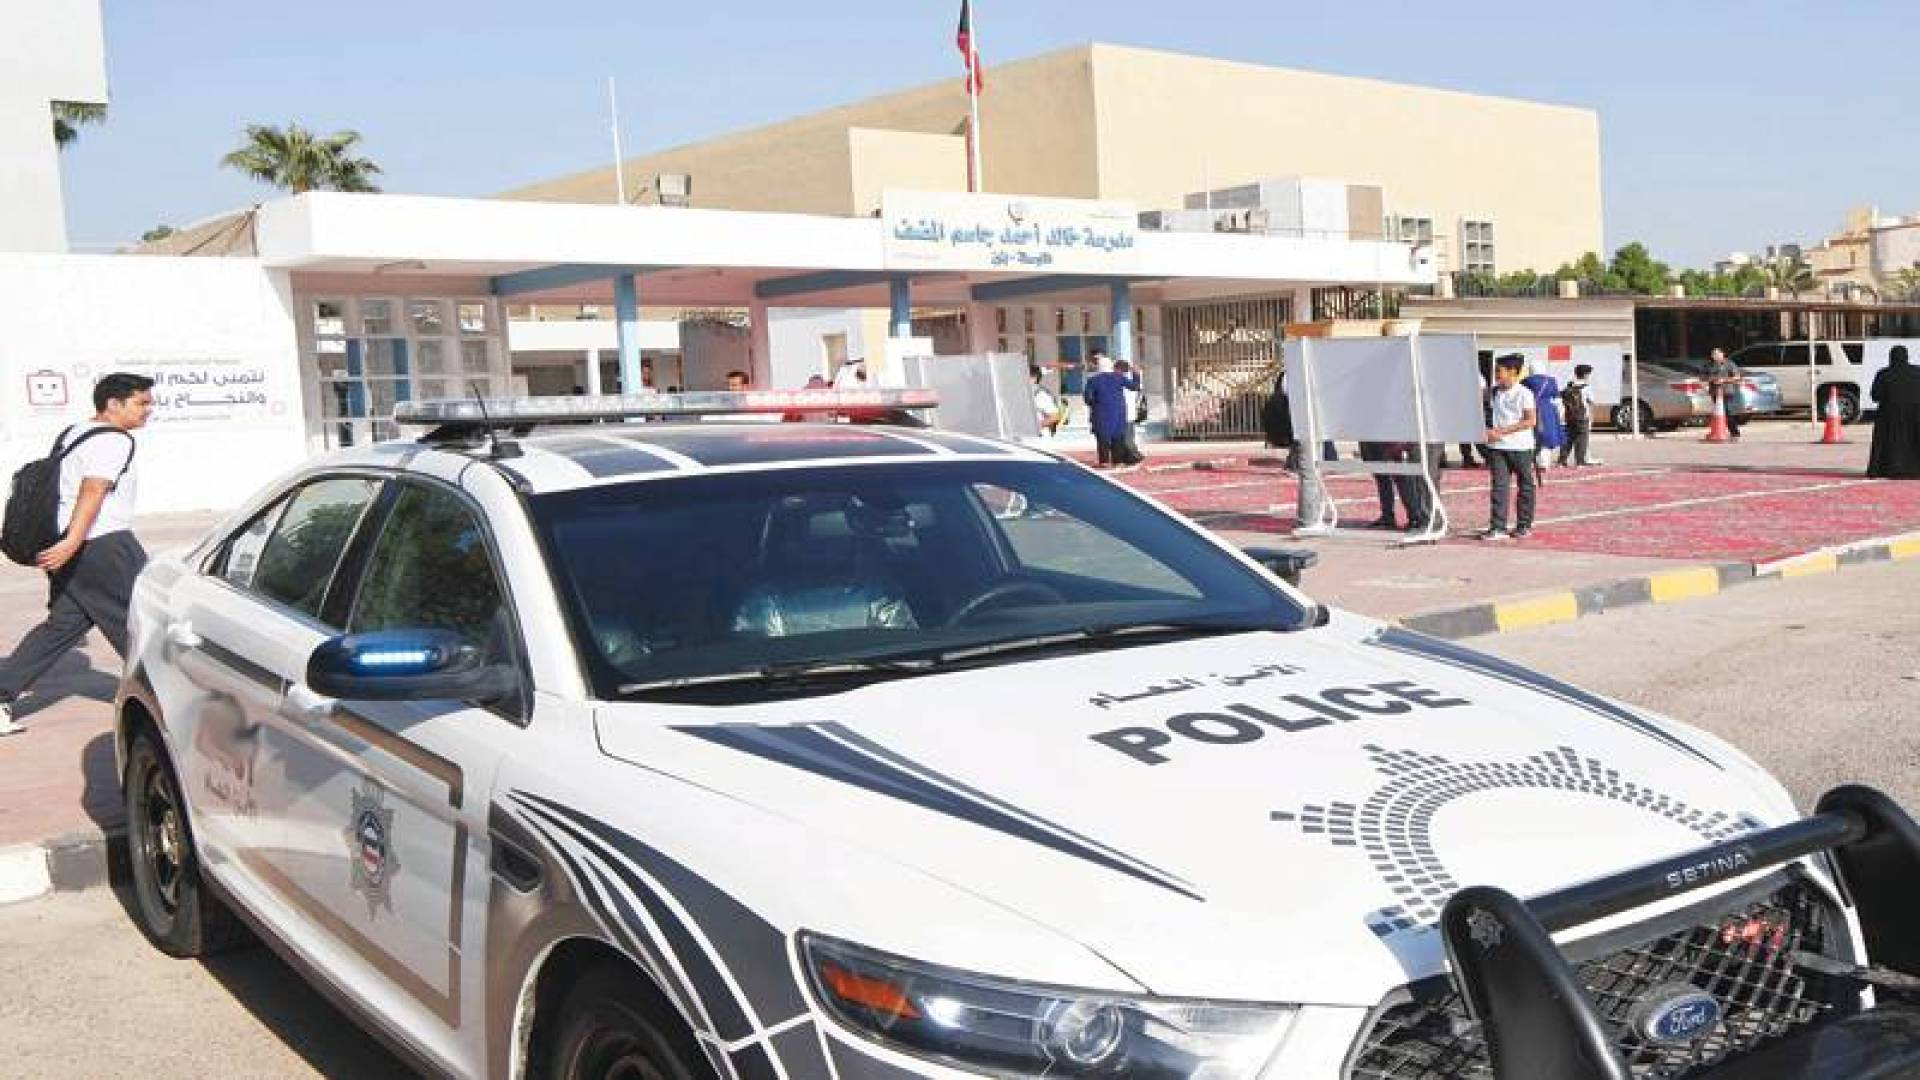 دورية أمنية في محيط المدارس